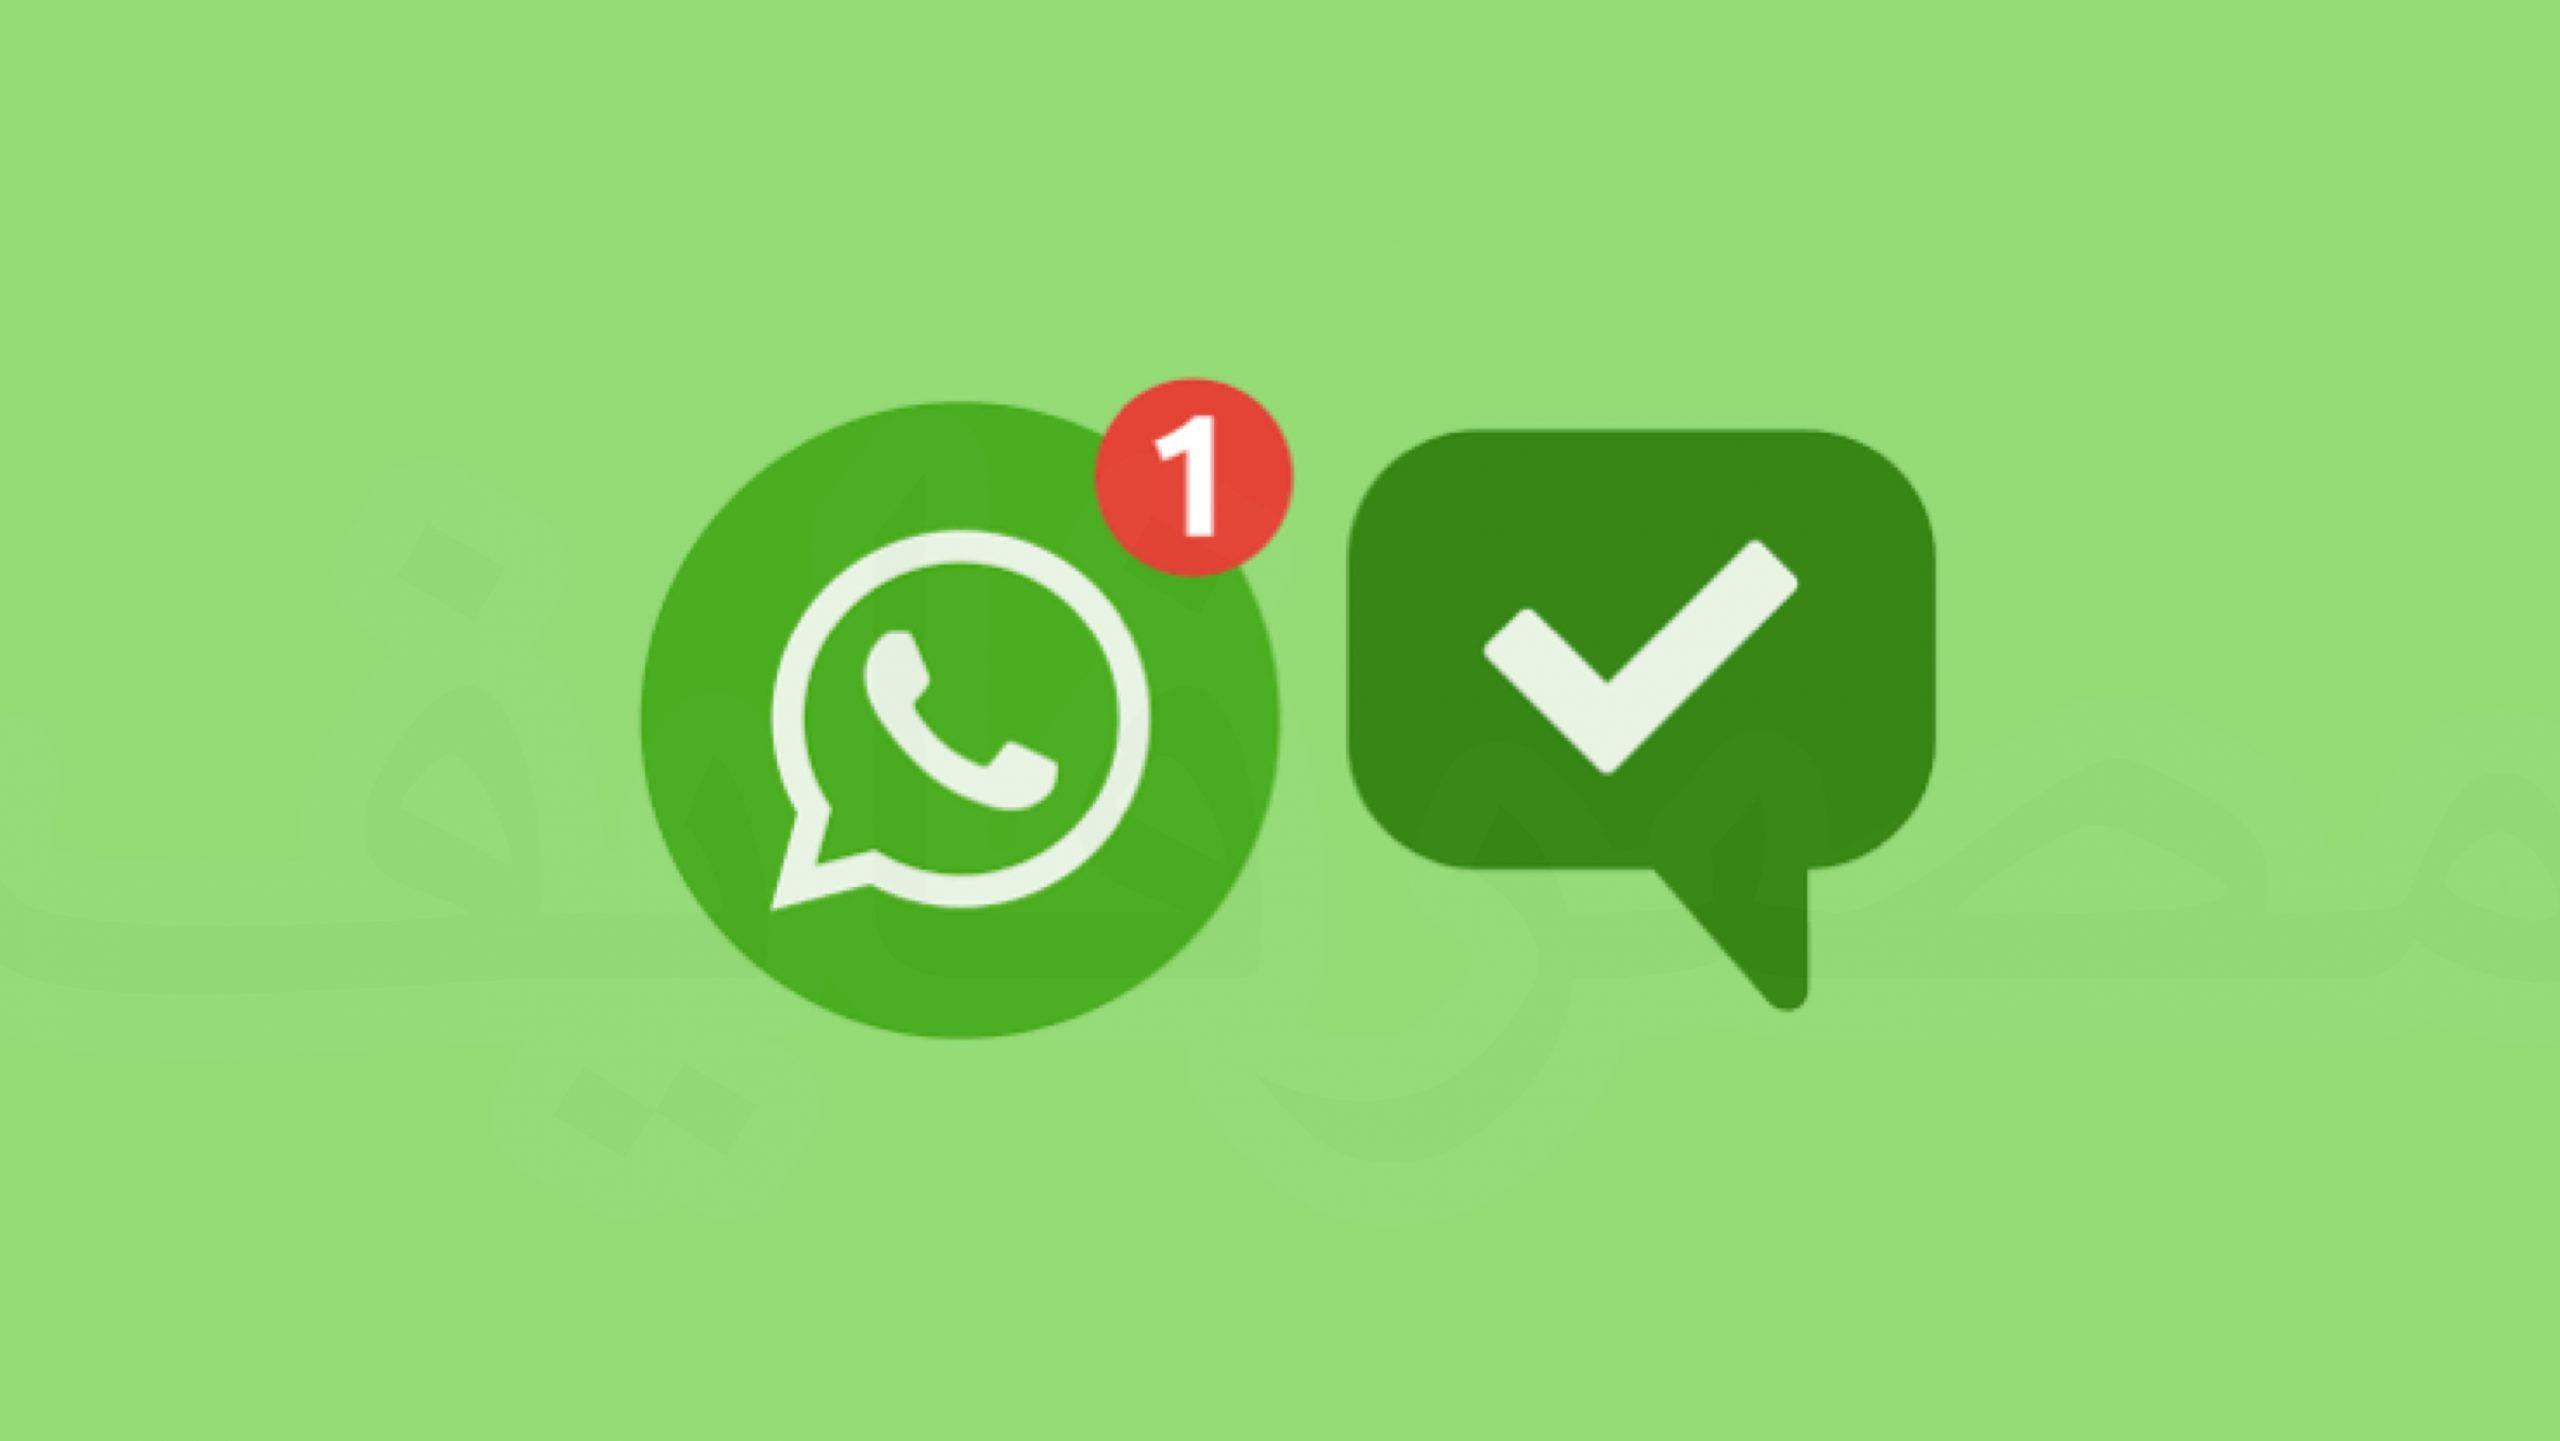 غرامة ضخمة تنتظر تطبيق واتساب وتوقف WhatsApp على هذه الأجهزة!